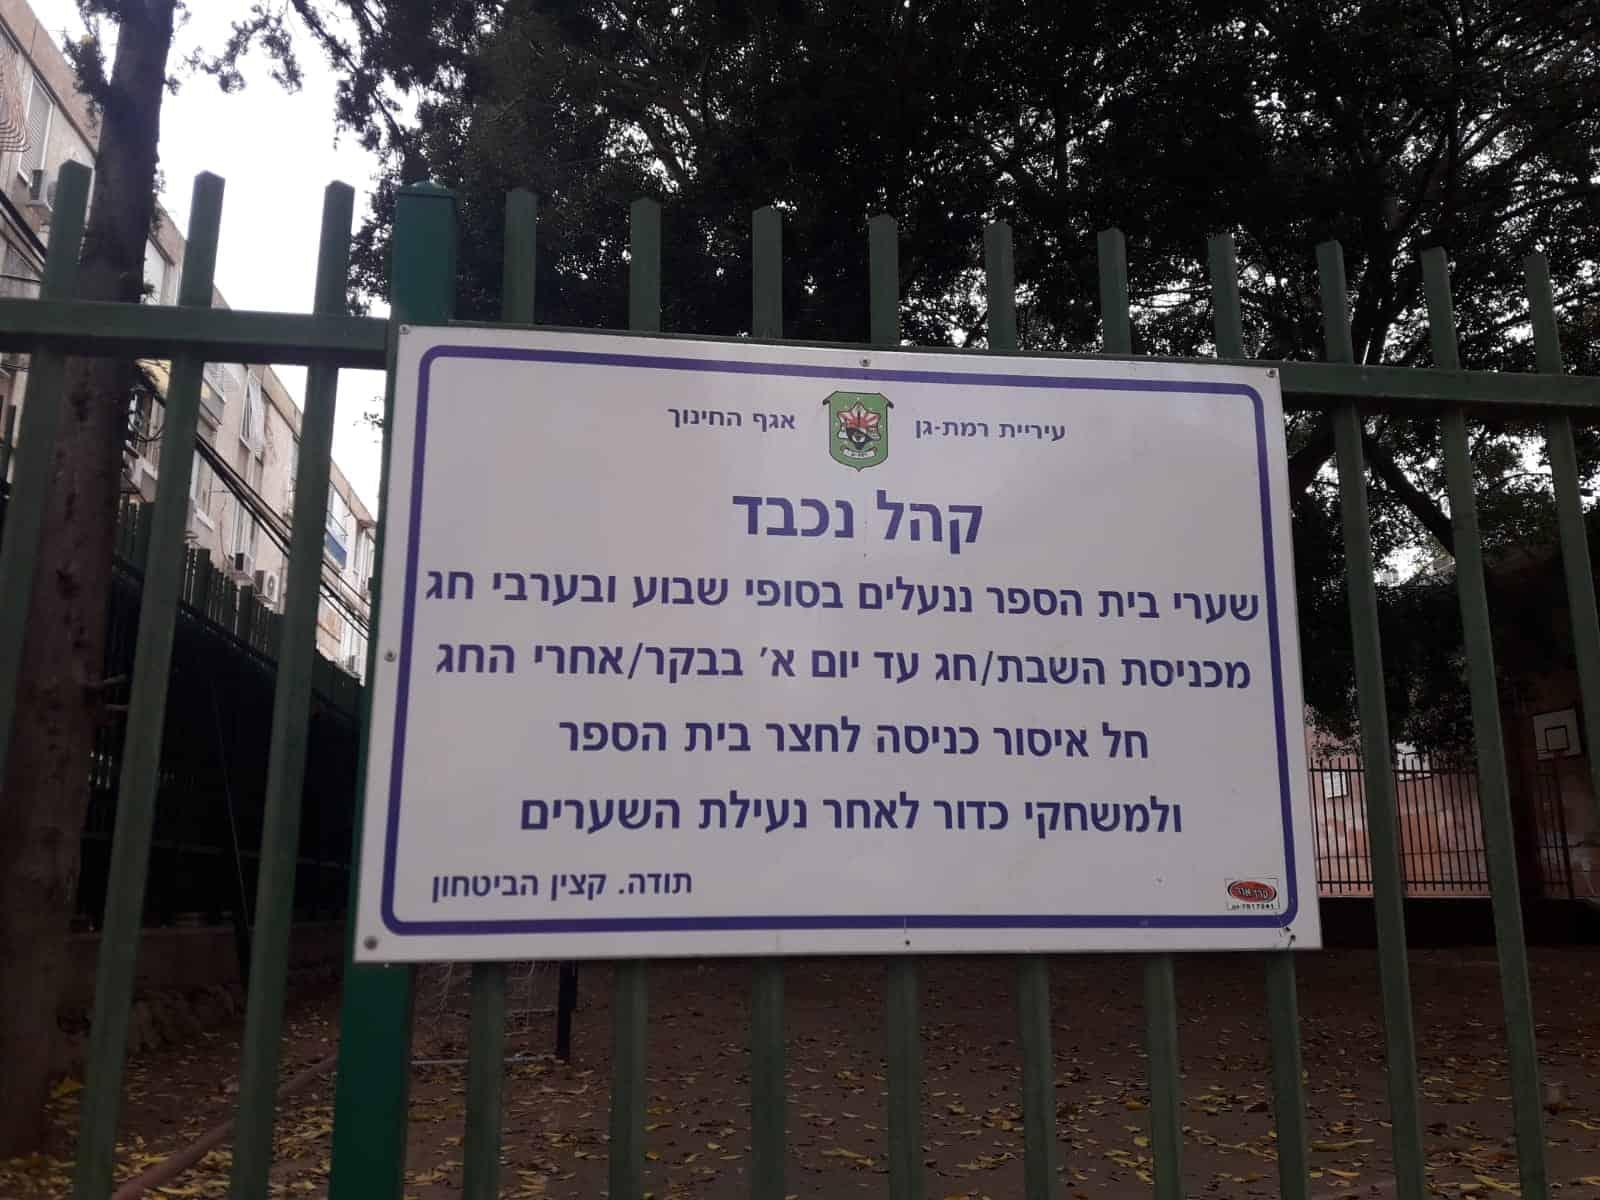 העירייה החליטה לסגור את בית הספר בשבתות ובערבי חג, צילום: ניצן כהן